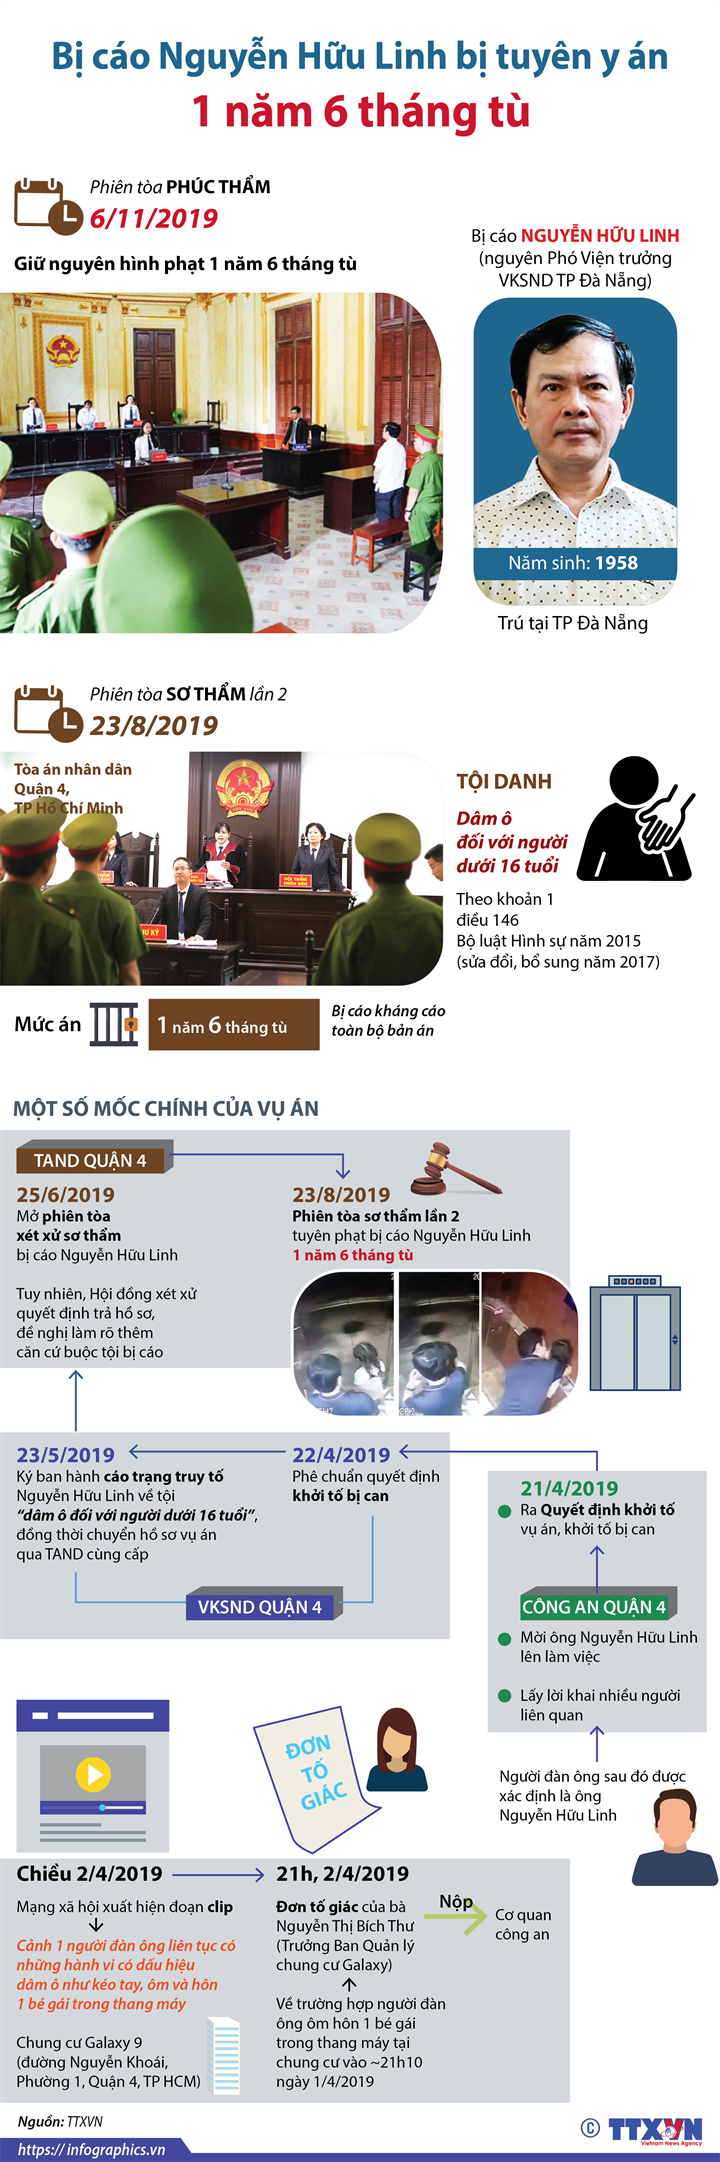 Bị cáo Nguyễn Hữu Linh bị tuyên y án 1 năm 6 tháng tù